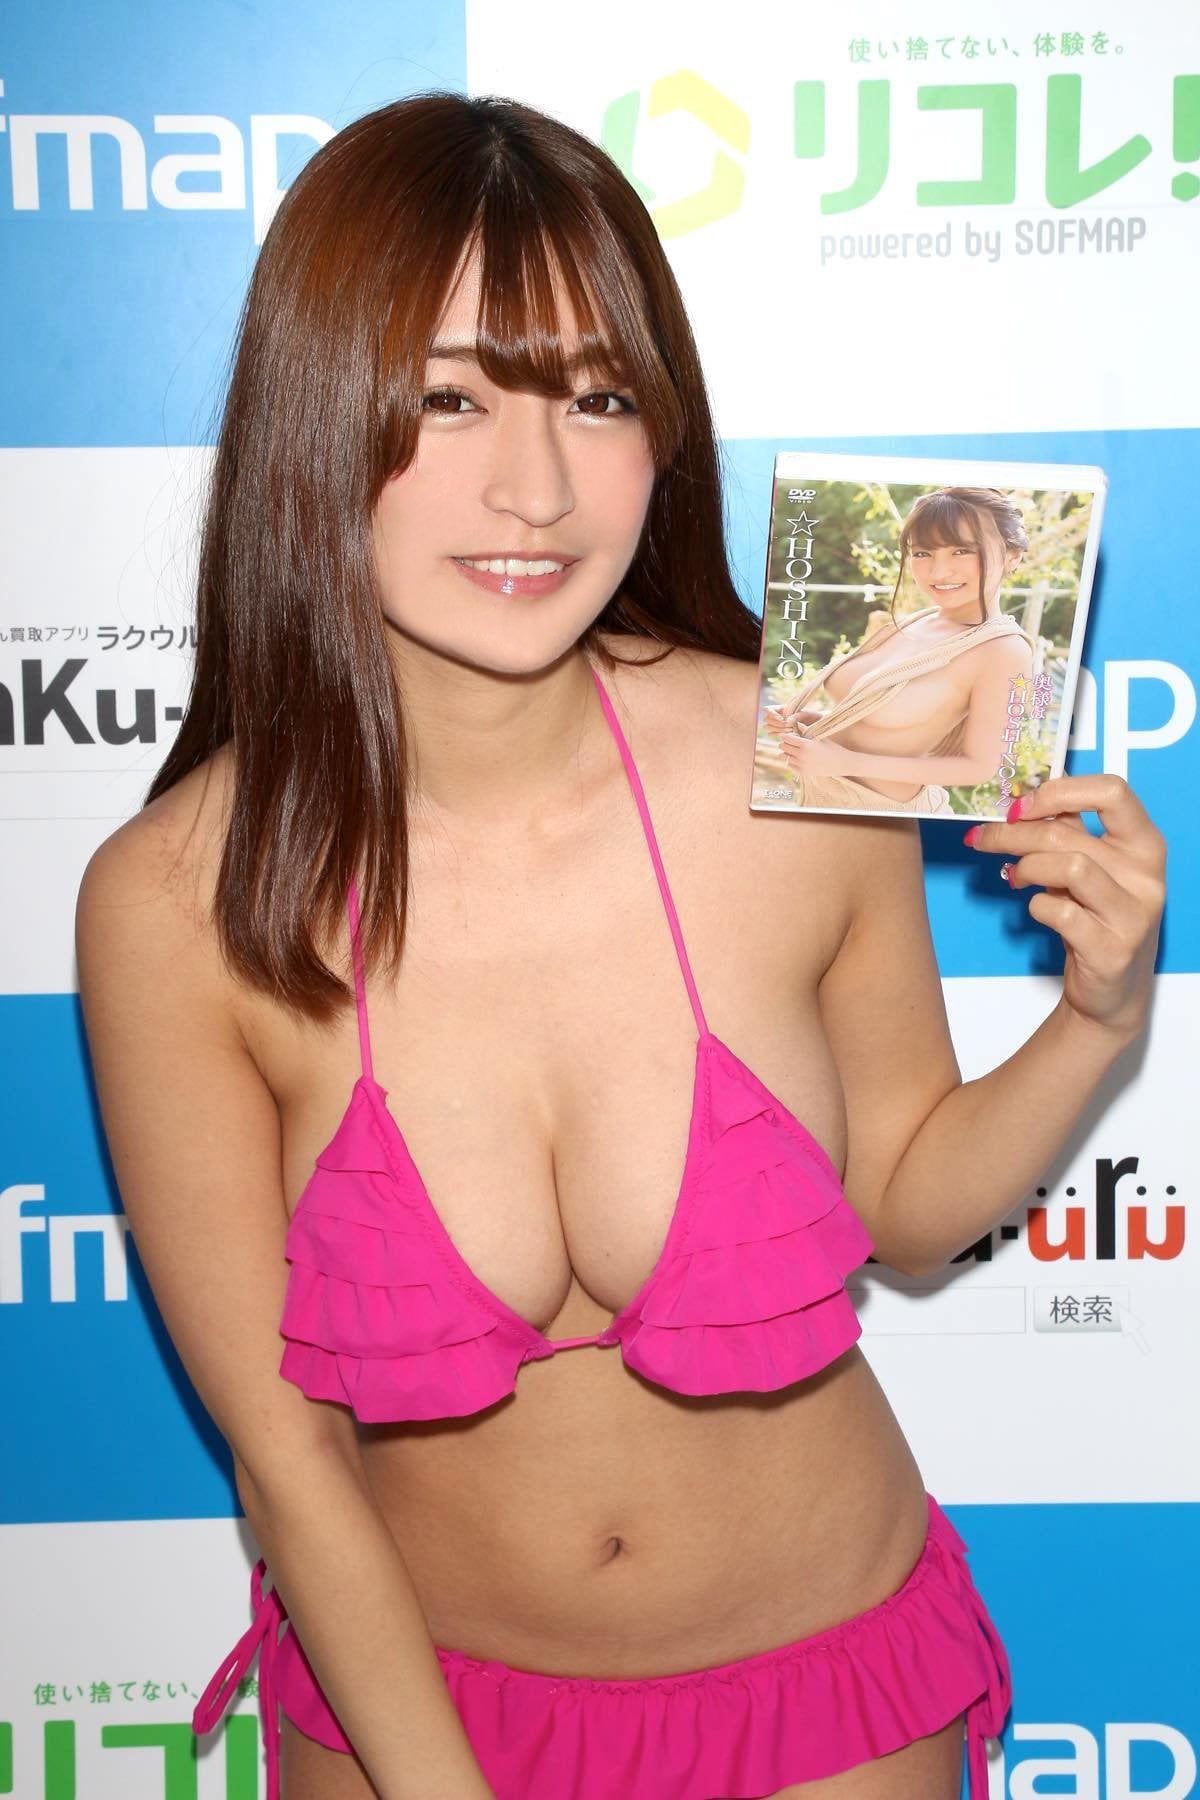 ☆HOSHINO「シャツがどんどん透けちゃう」エプロンはほぼ裸!【写真35枚】の画像031